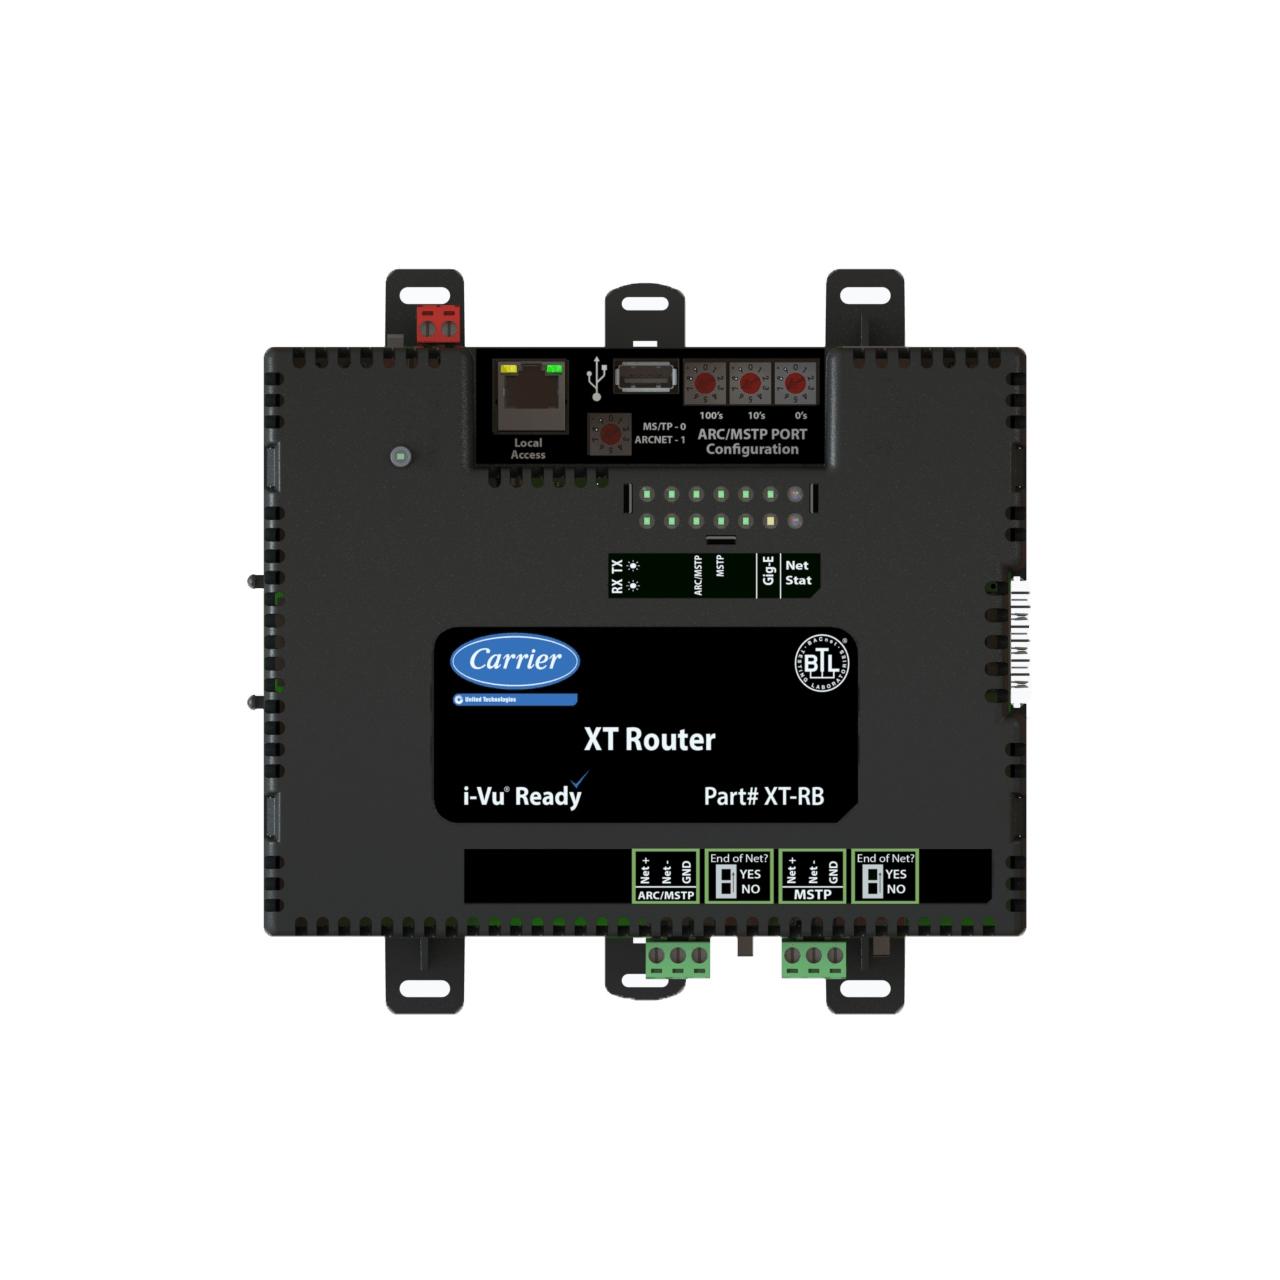 carrier-XT-RB-ivu-bacnet-router